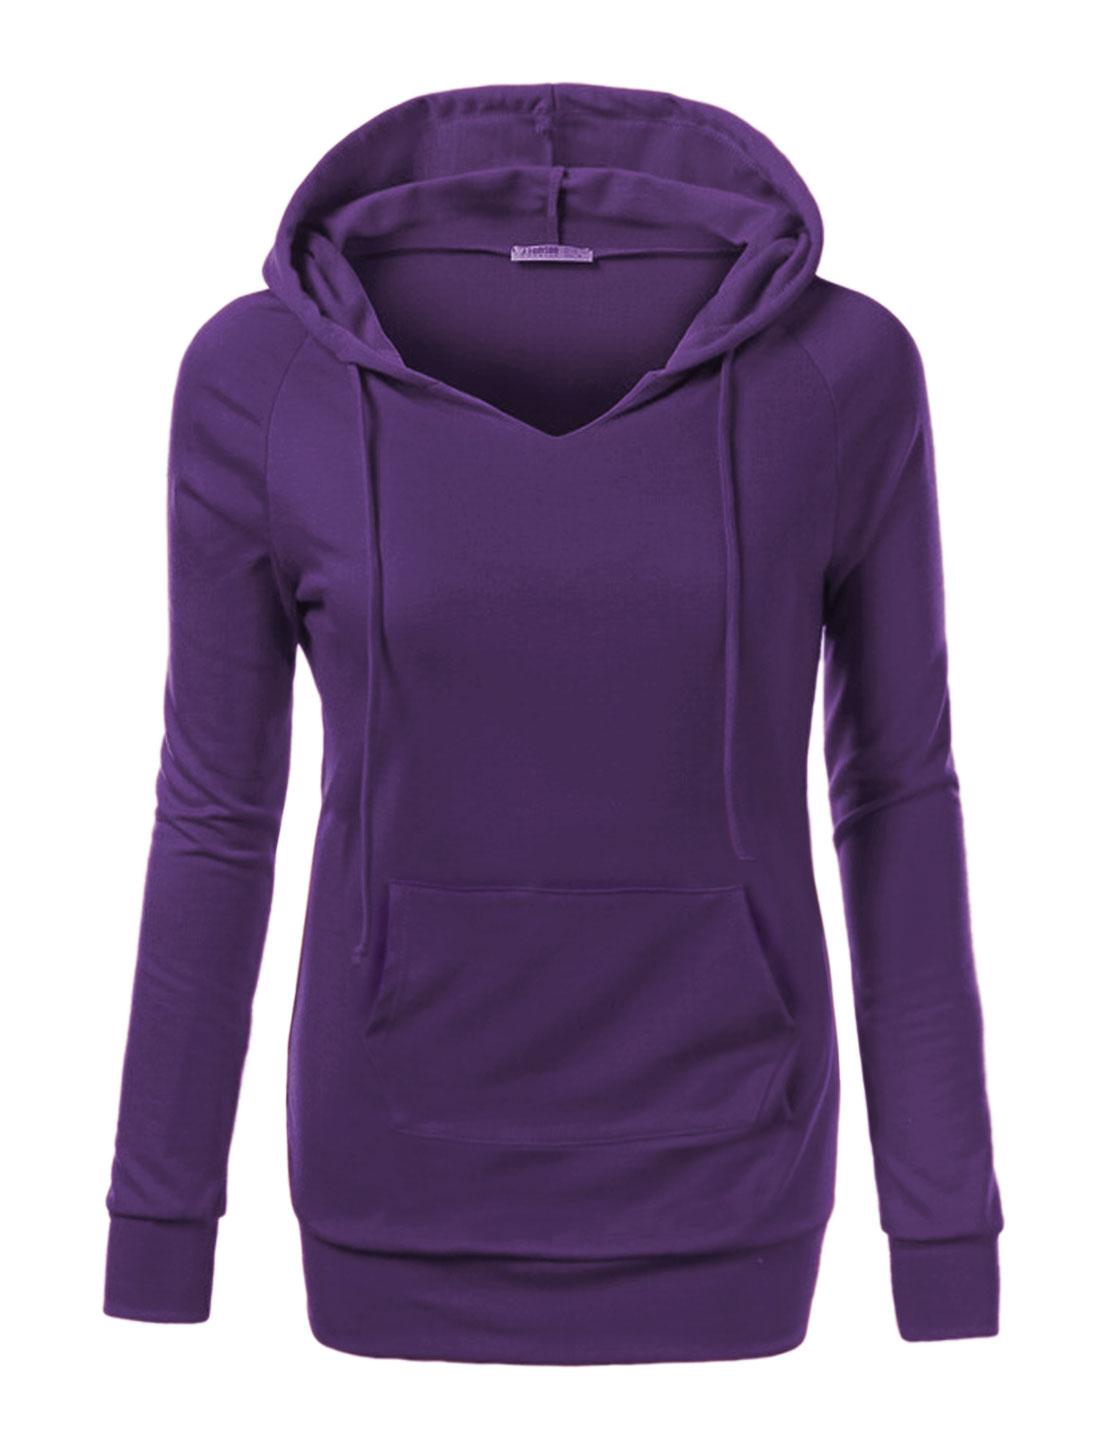 Women Raglan Sleeves Kangaroo Pocket Drawstring Tunic Hoodie Purple S